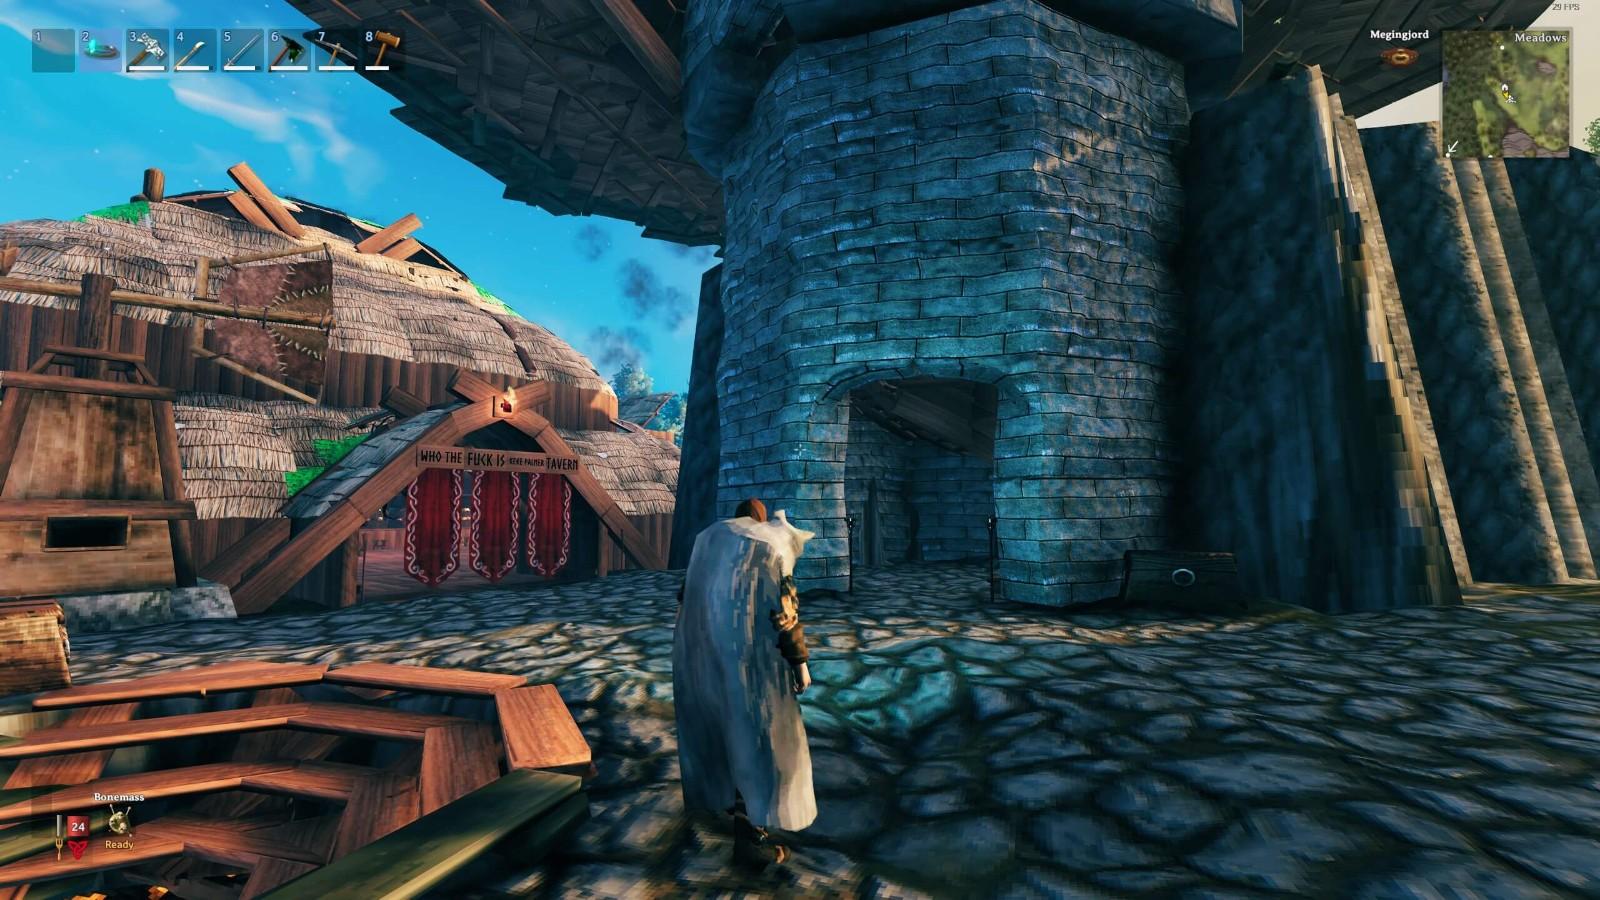 整个世界更清晰 《英灵神殿》高清材质MOD推荐